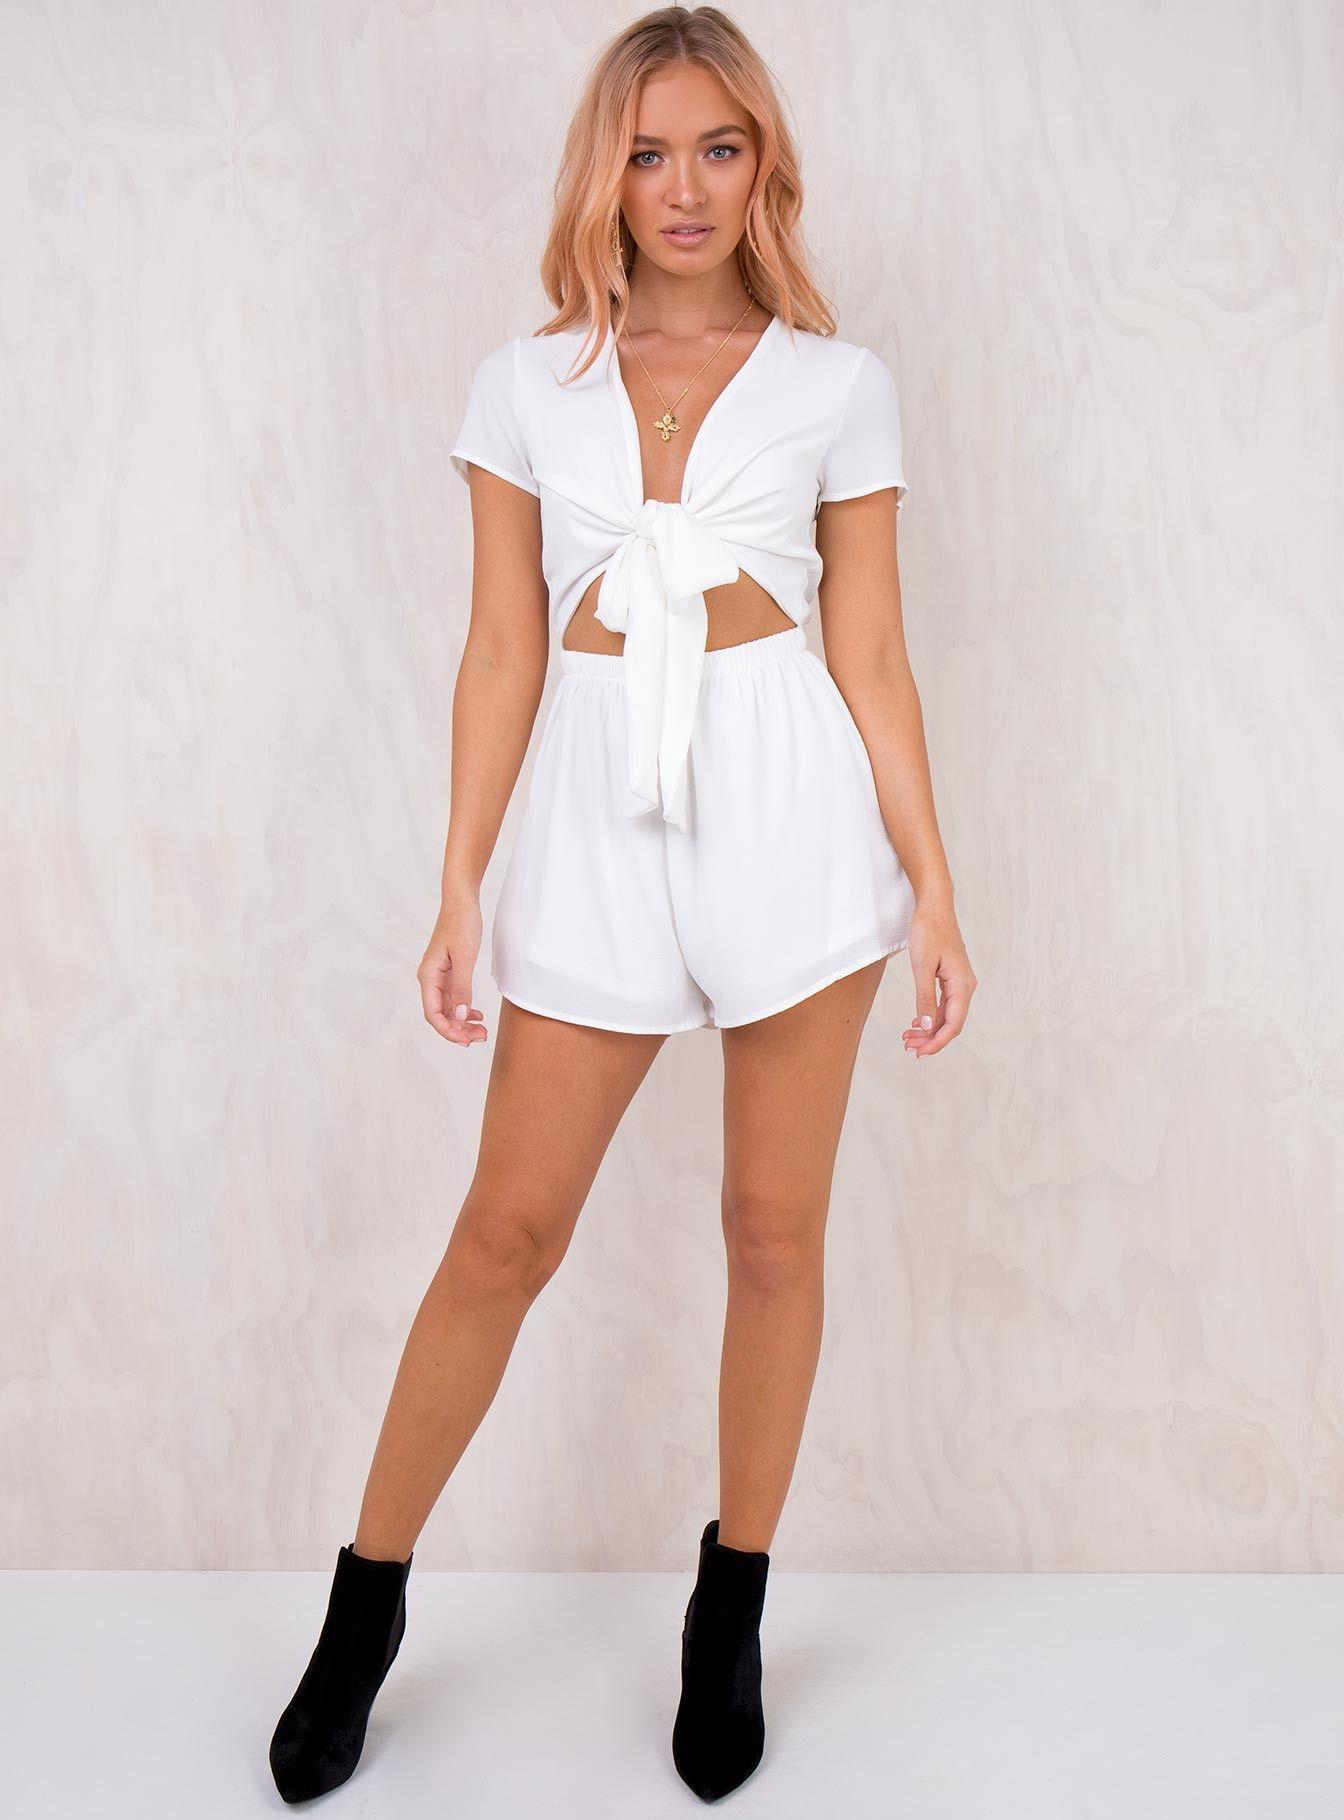 e26d2d2c5ac Sweet Sahara Tie Front Playsuit White